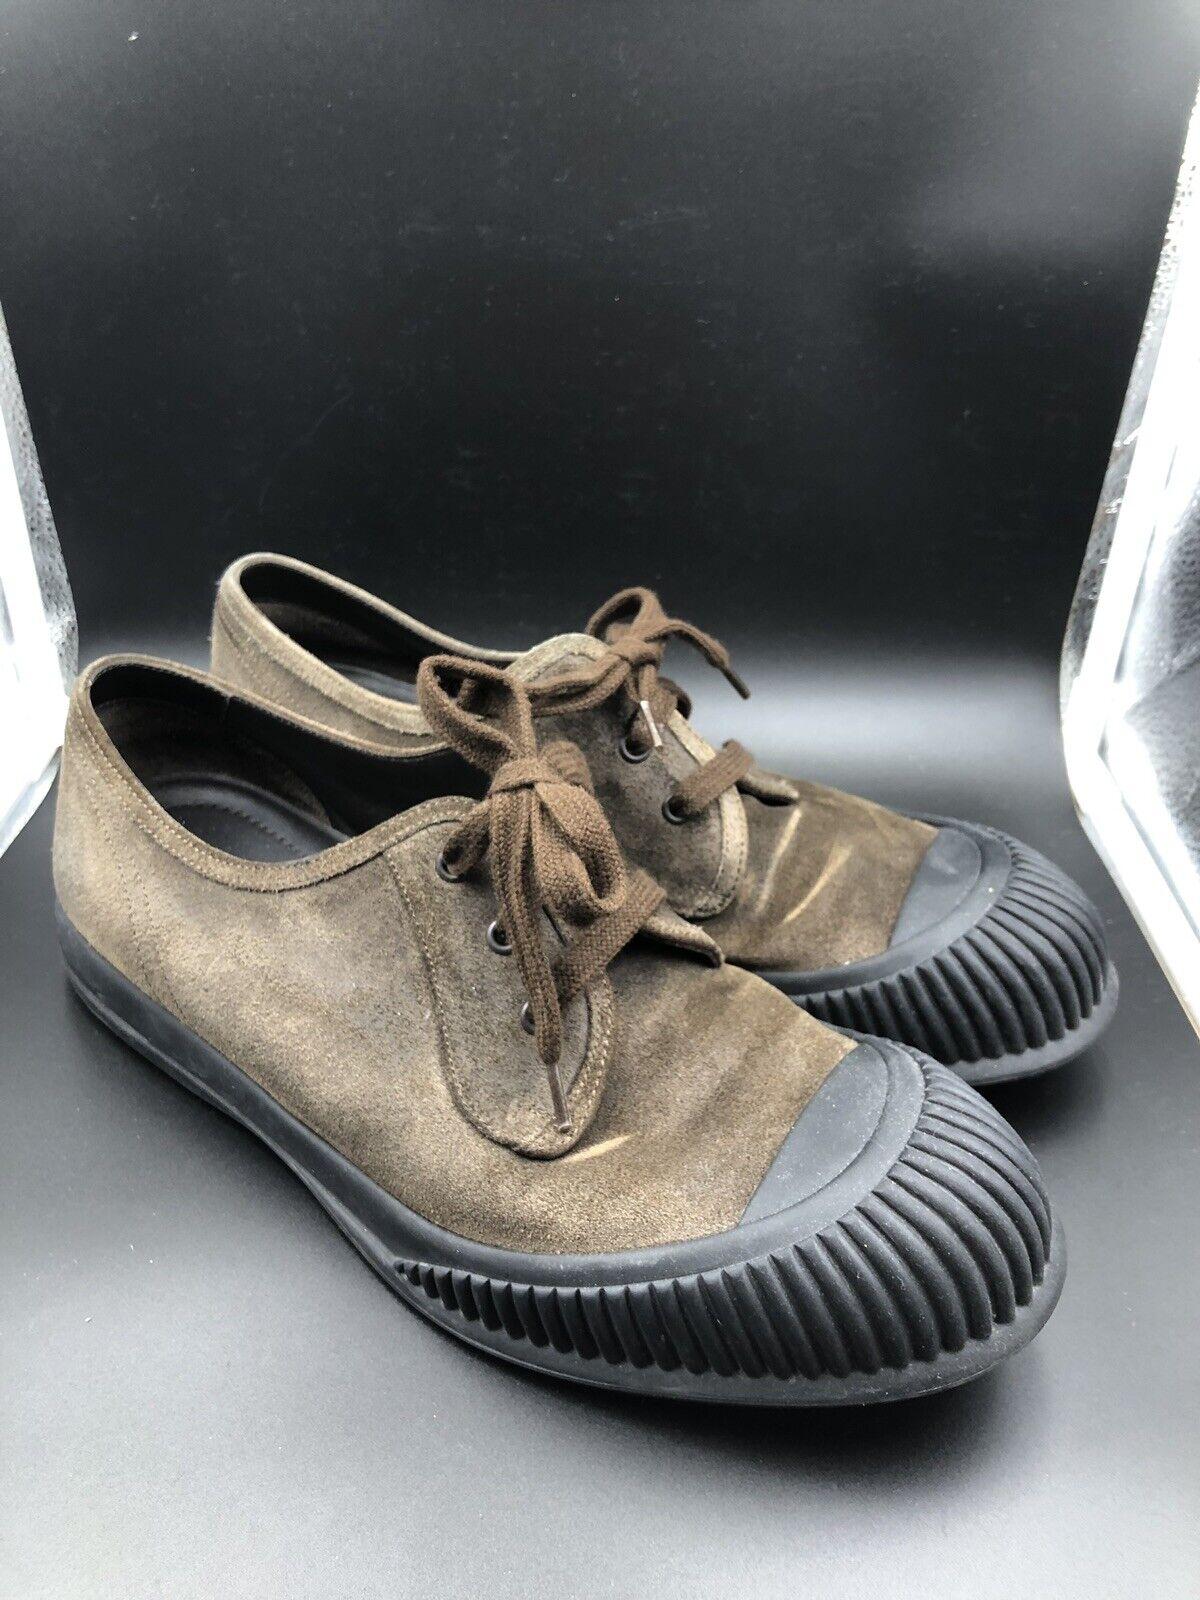 Prada Marrón Gamuza Zapatillas punta de goma EE. UU. hecho en Italia